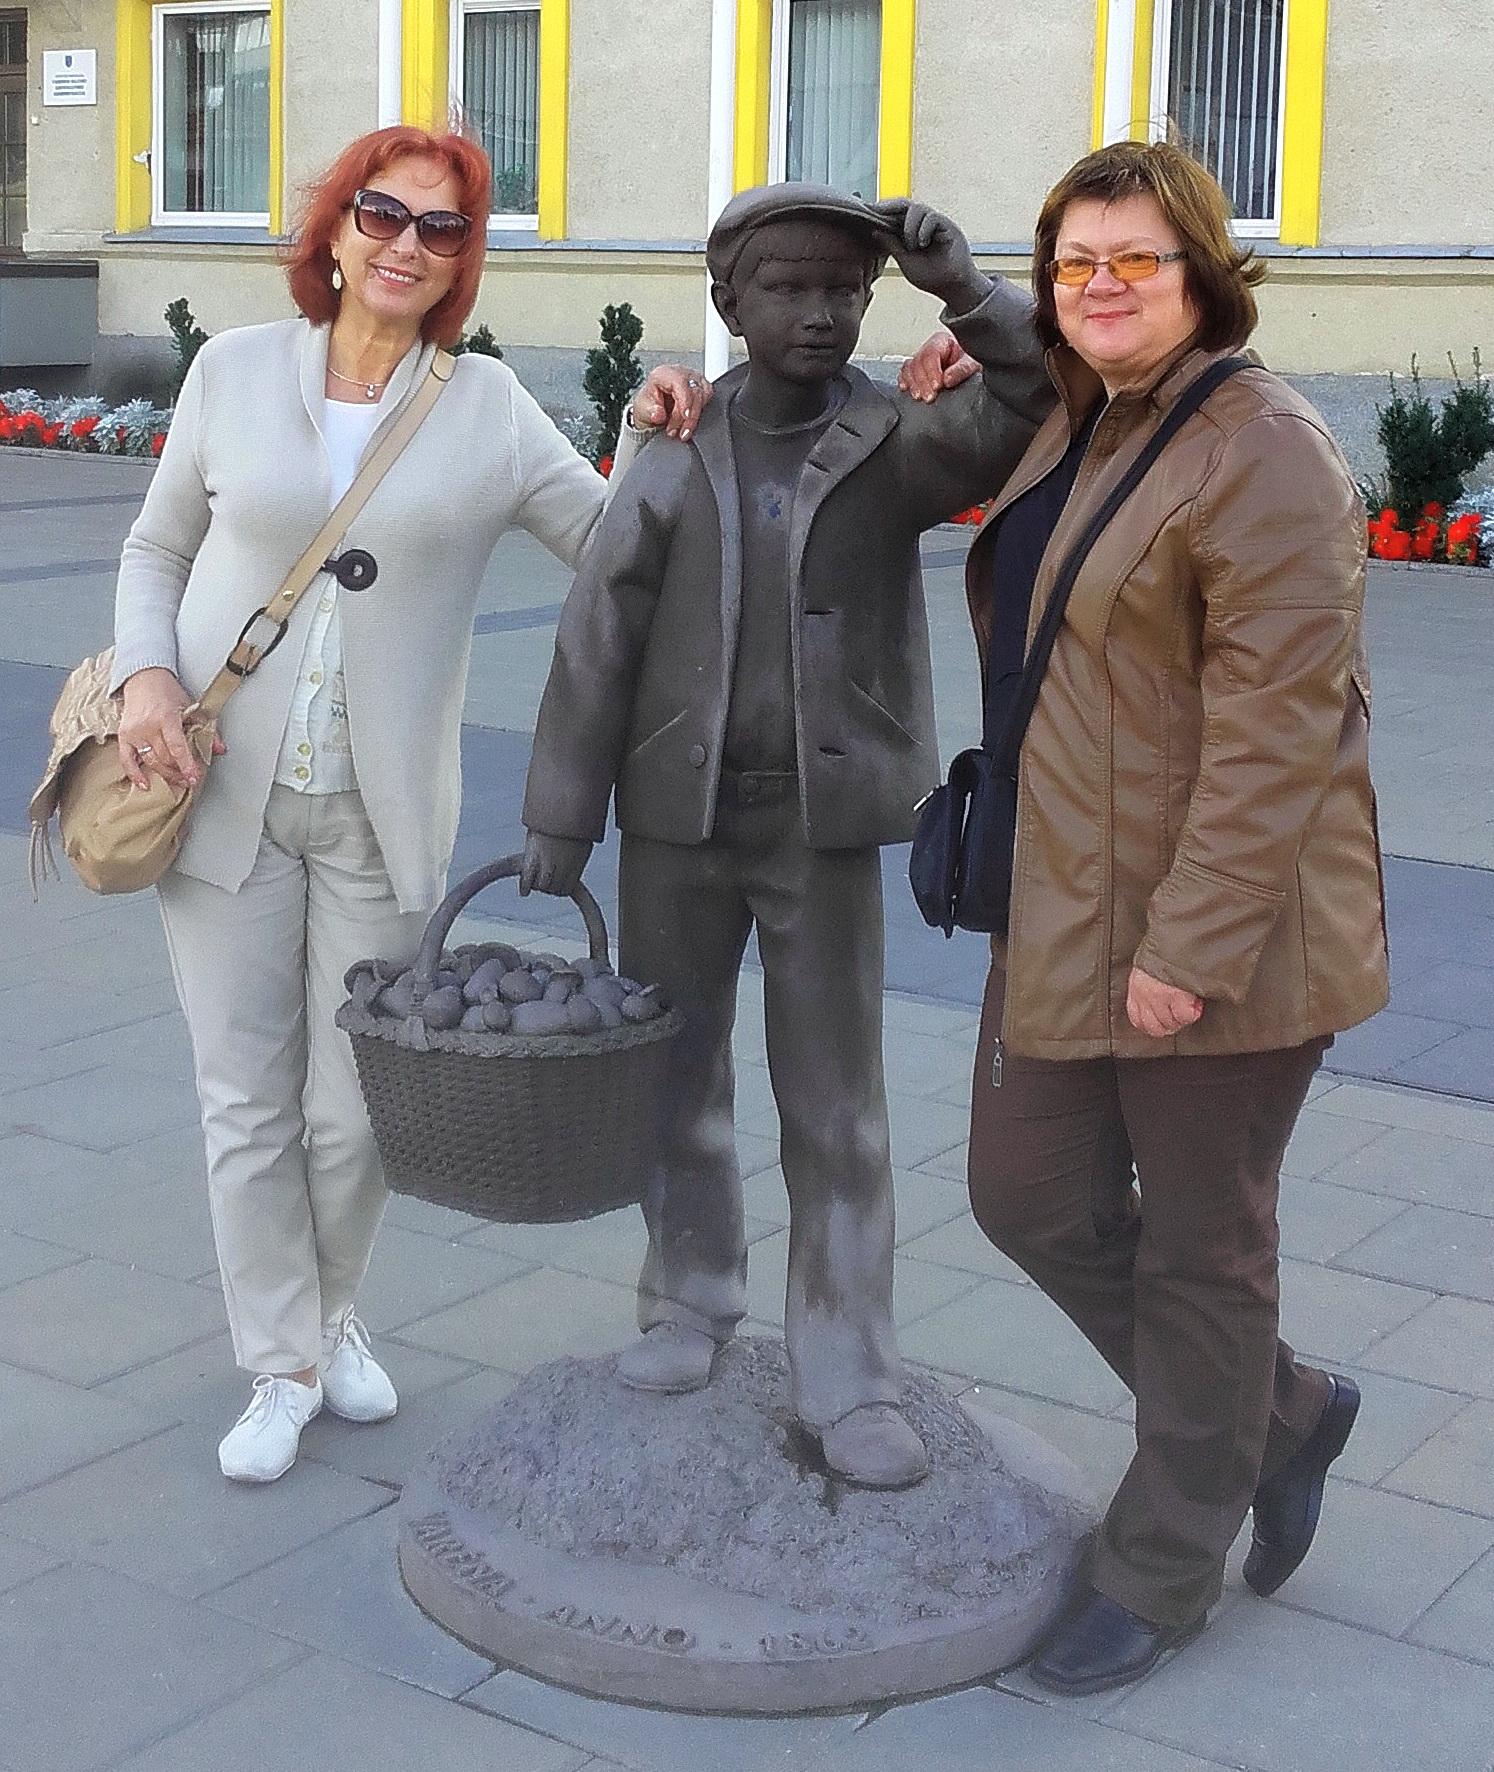 Violeta Astrauskienė (dešinėje) surado didžiasią čempionato baravyką, o Dana Junutienė – neatpažintą grybą, kuris panašus į garsųjį triufelį.